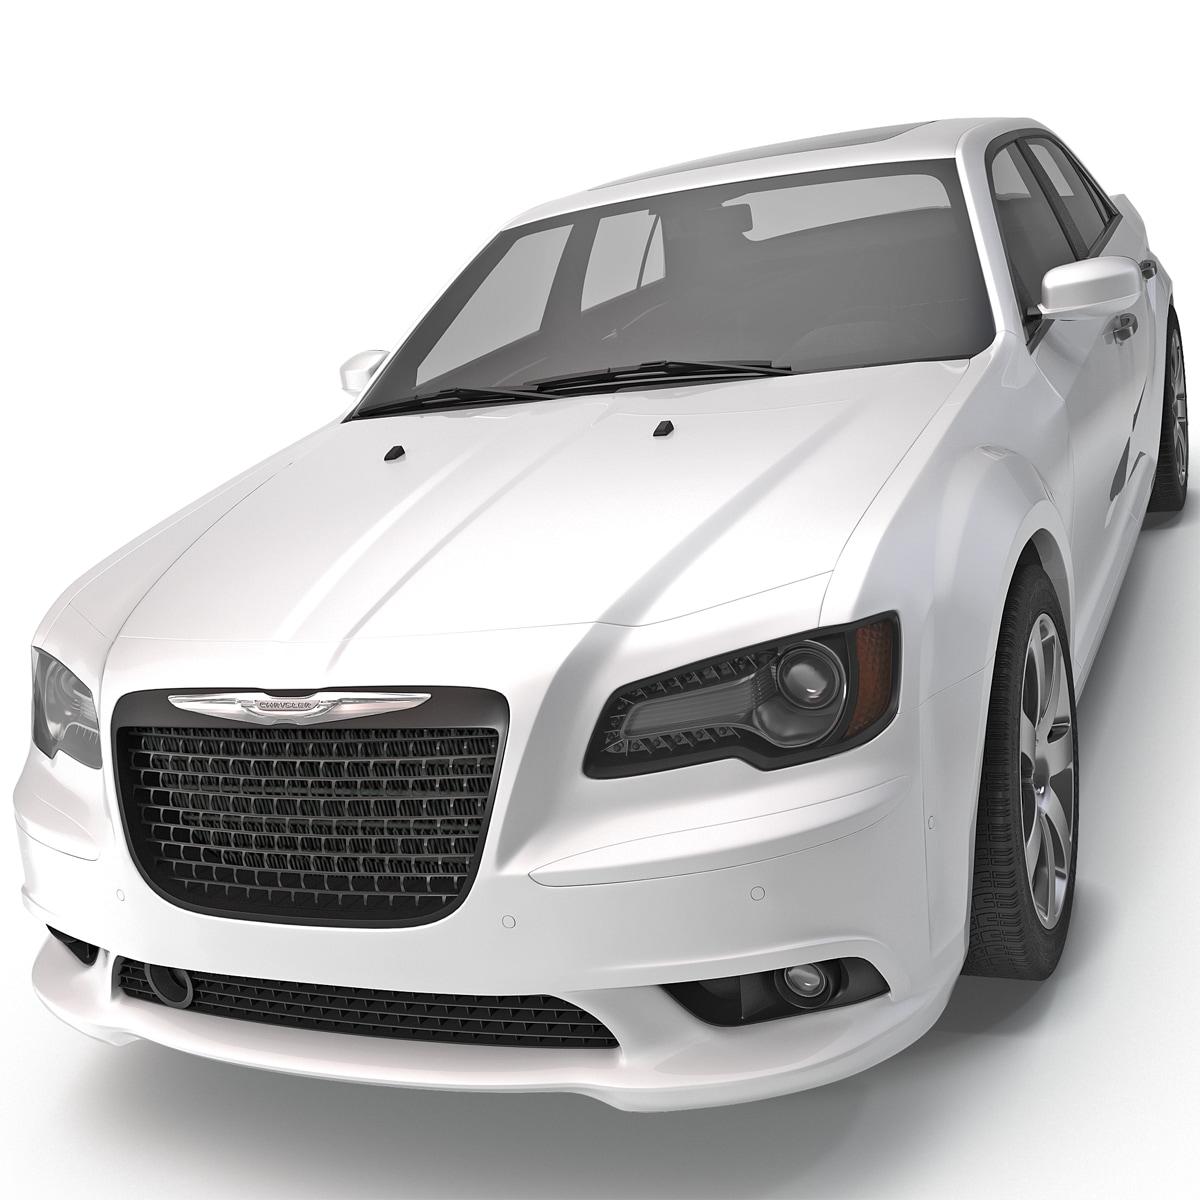 Chrysler 300 SRT8 2014 2